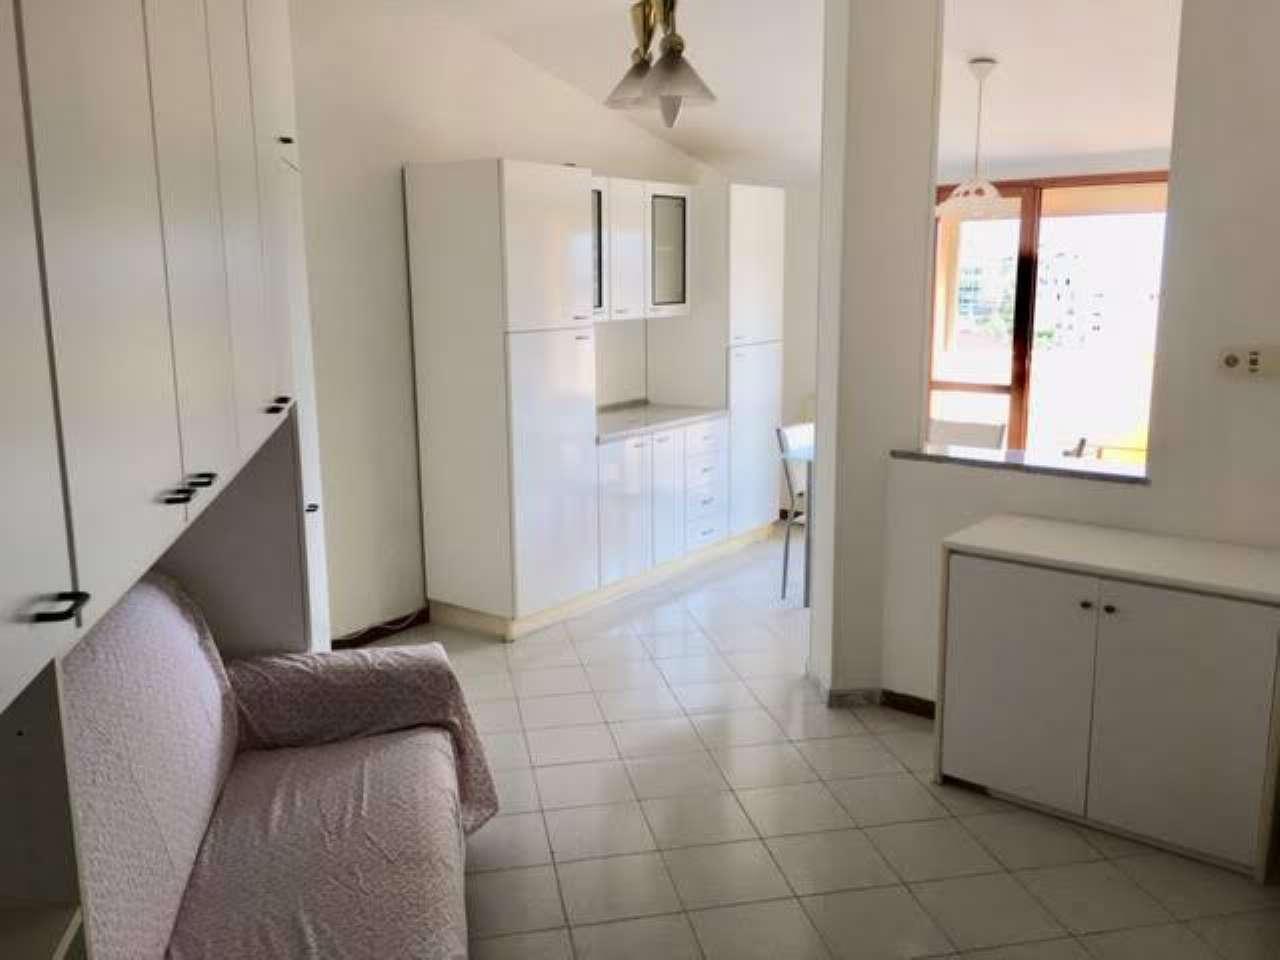 Appartamento ristrutturato in vendita Rif. 8976492